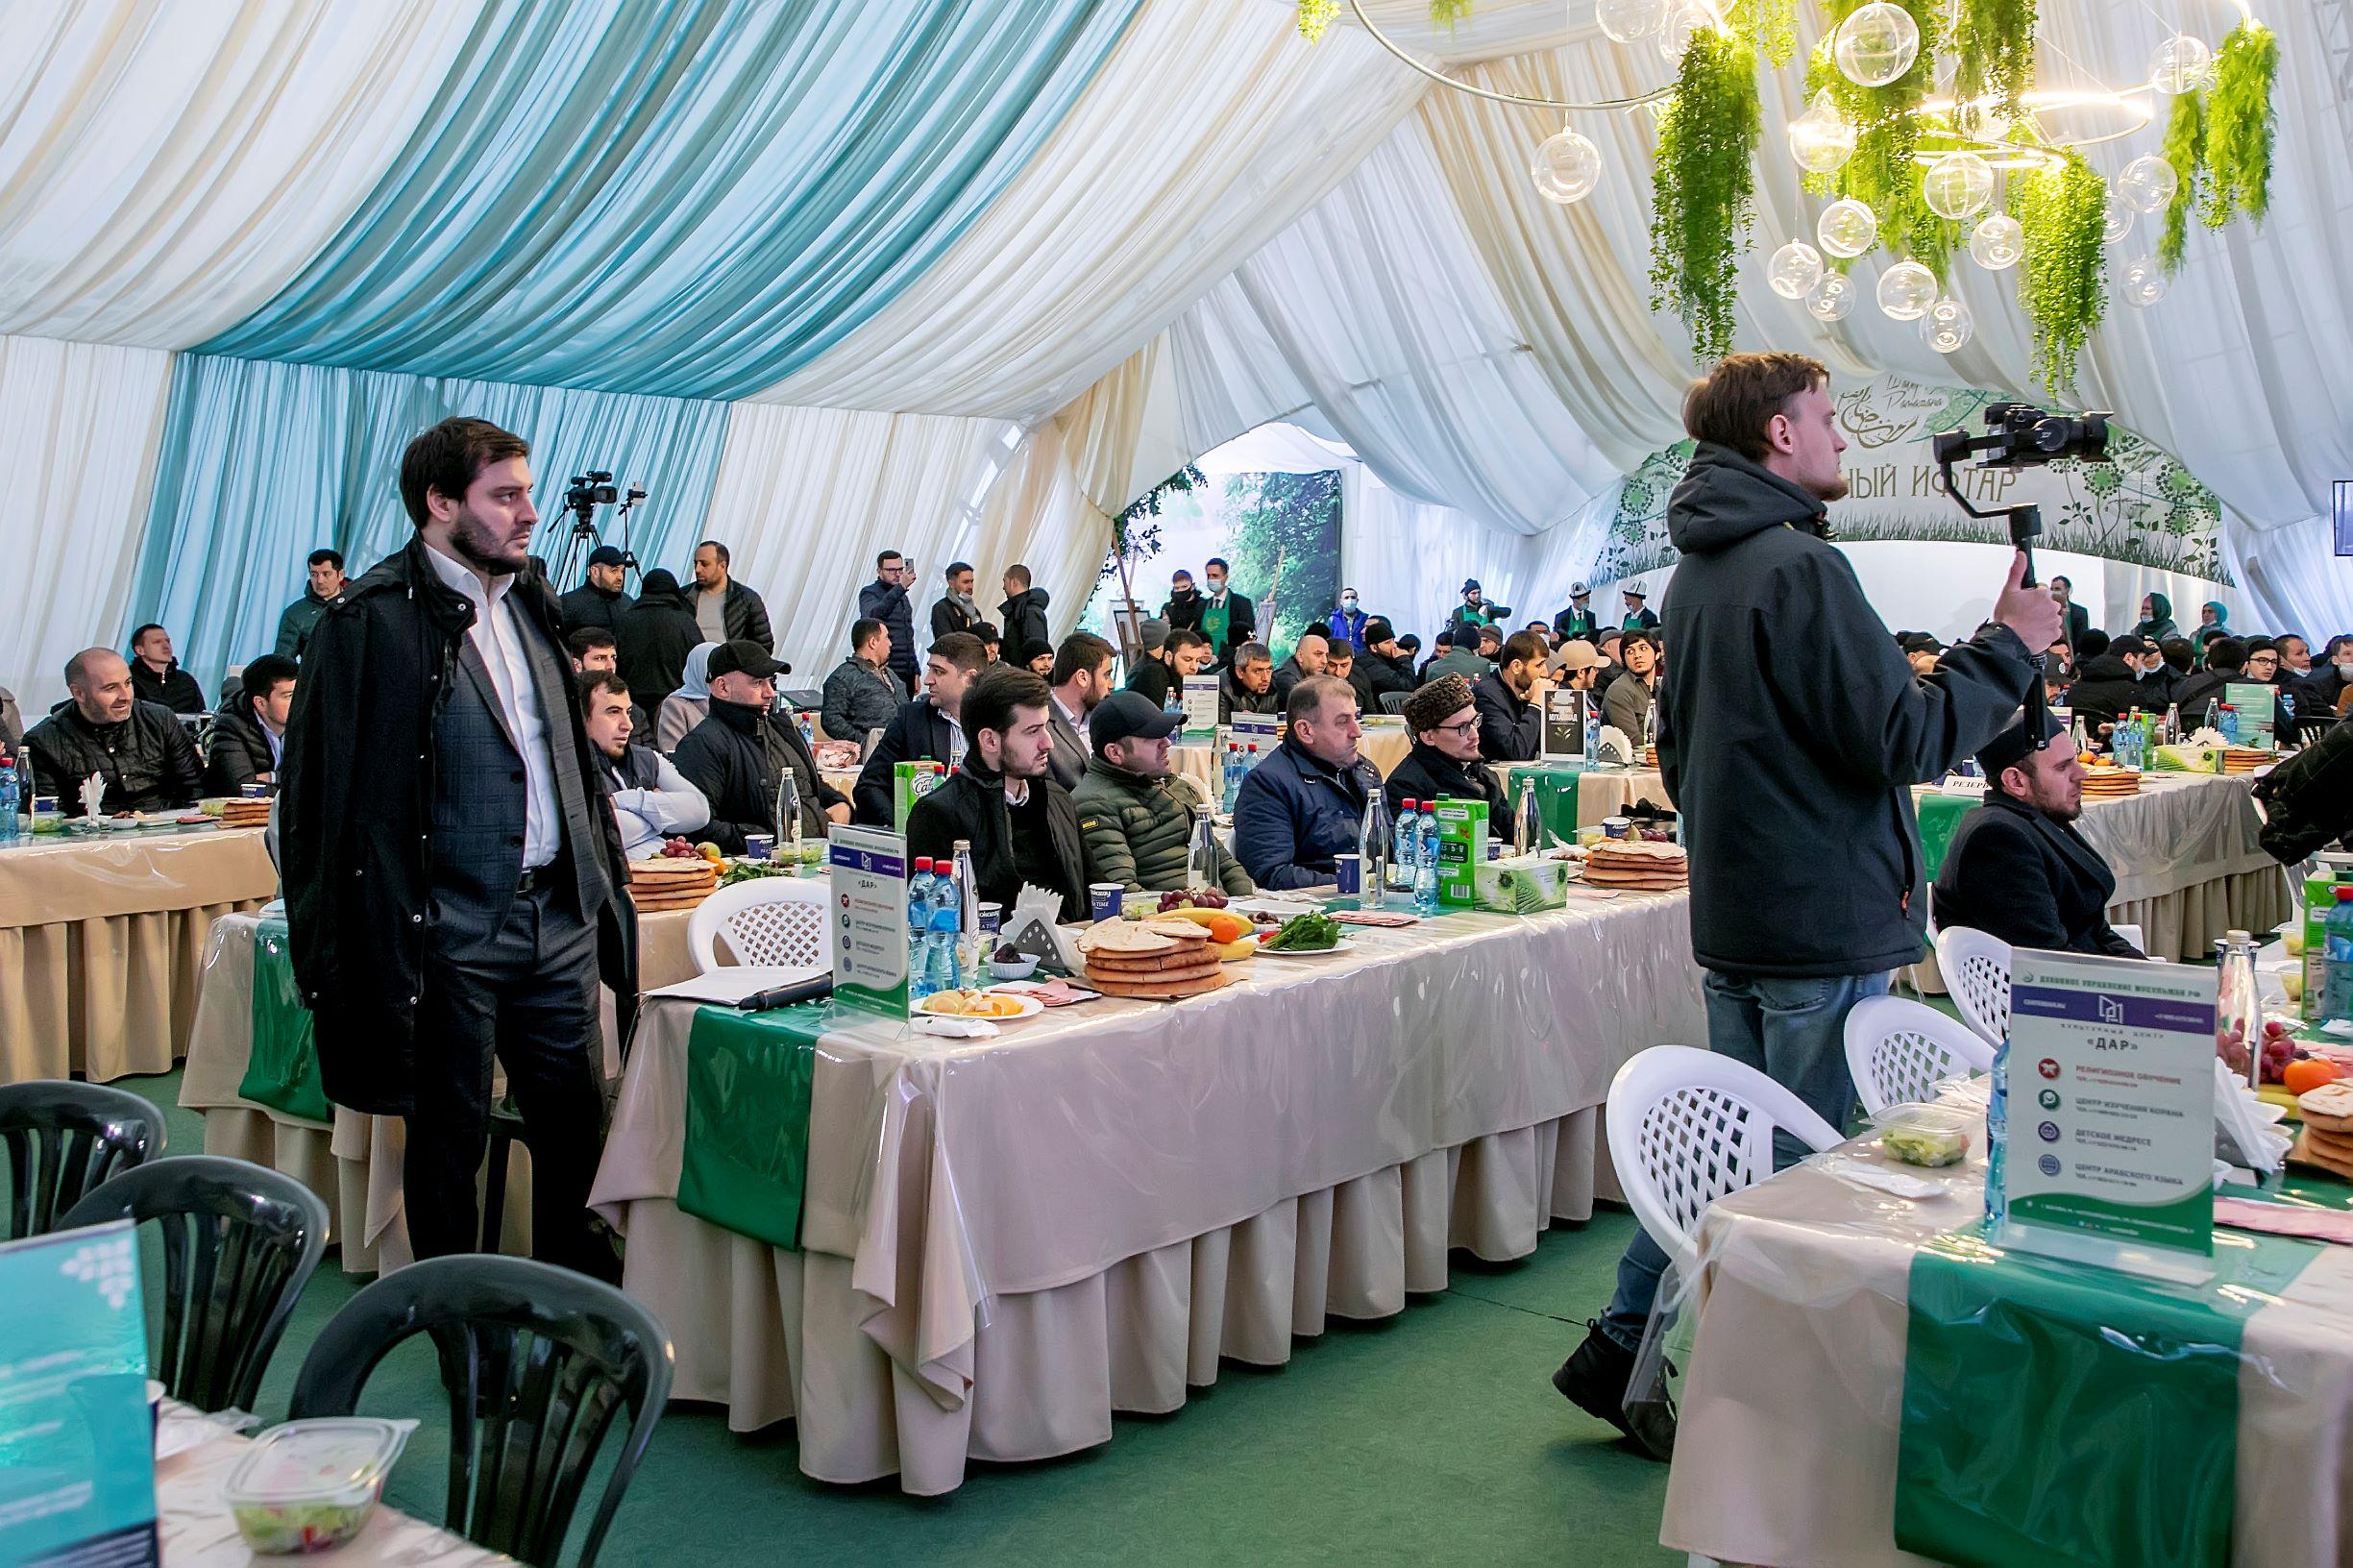 В Москве прошел вечер ифтара от лезгинской общины | Фоторепортаж